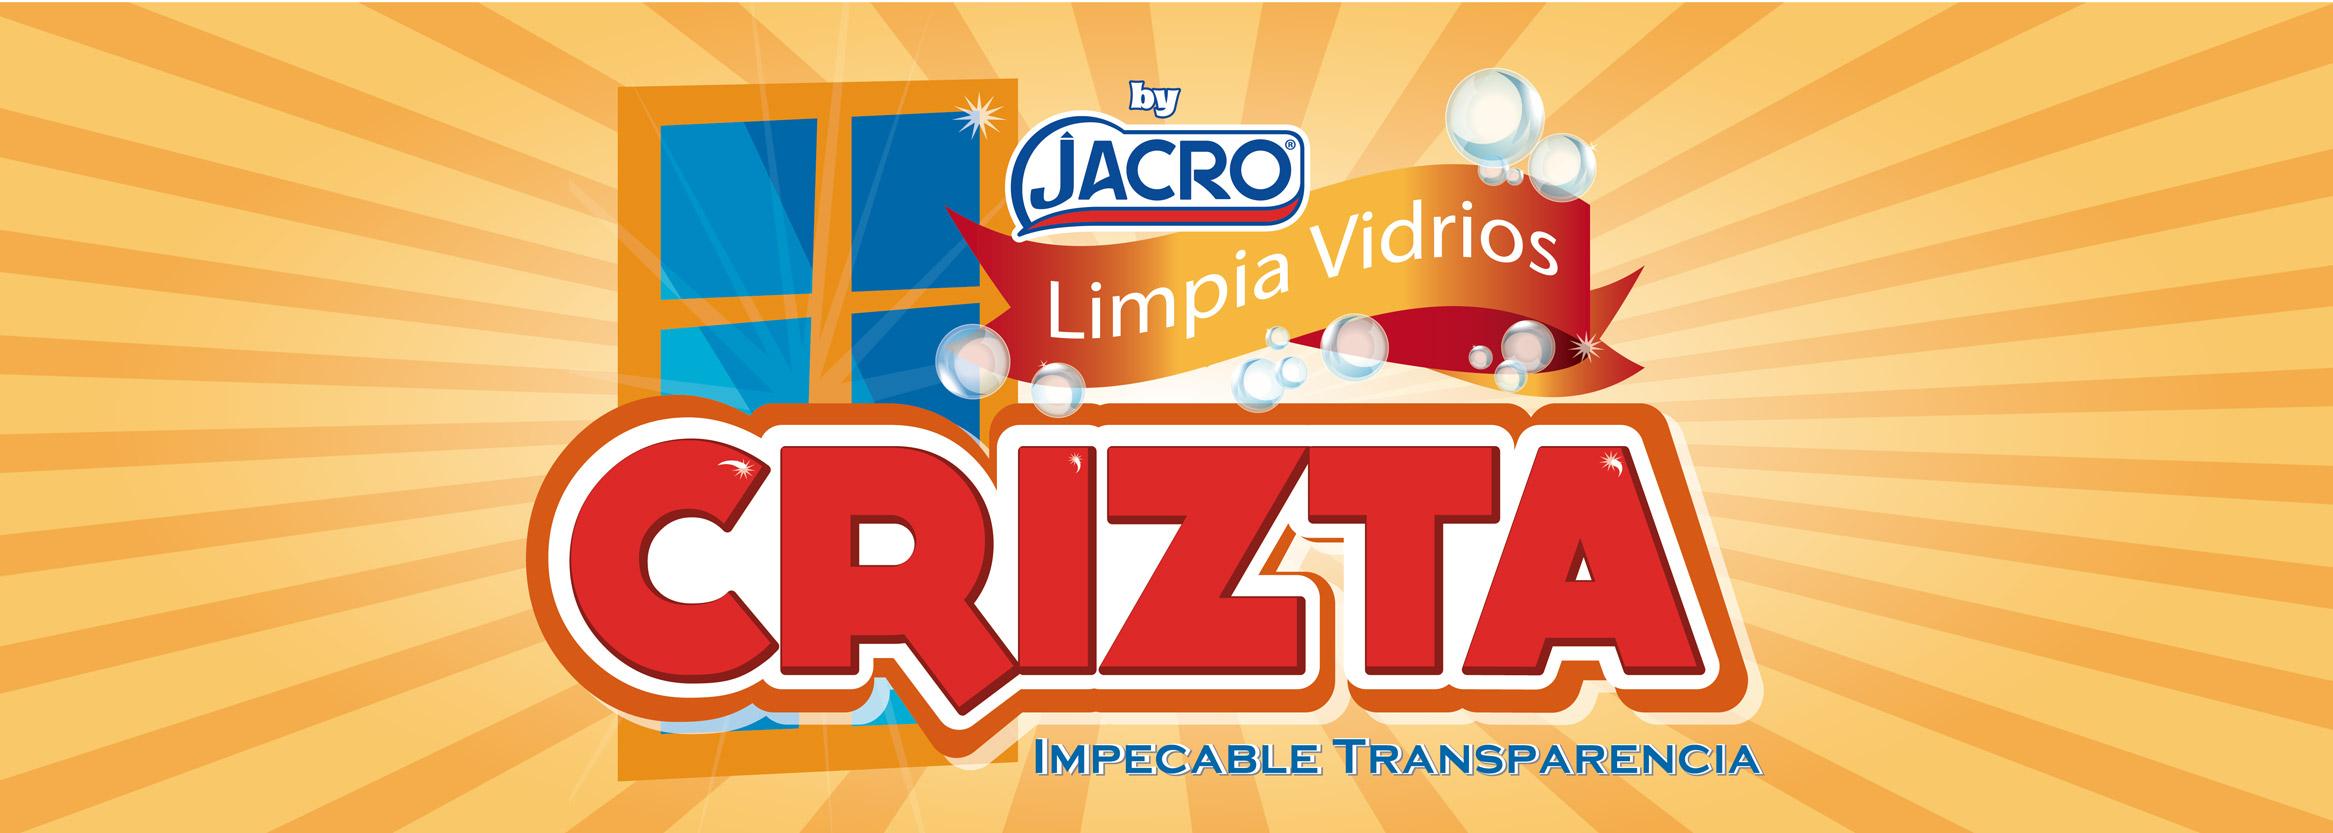 banners-jacro2-05